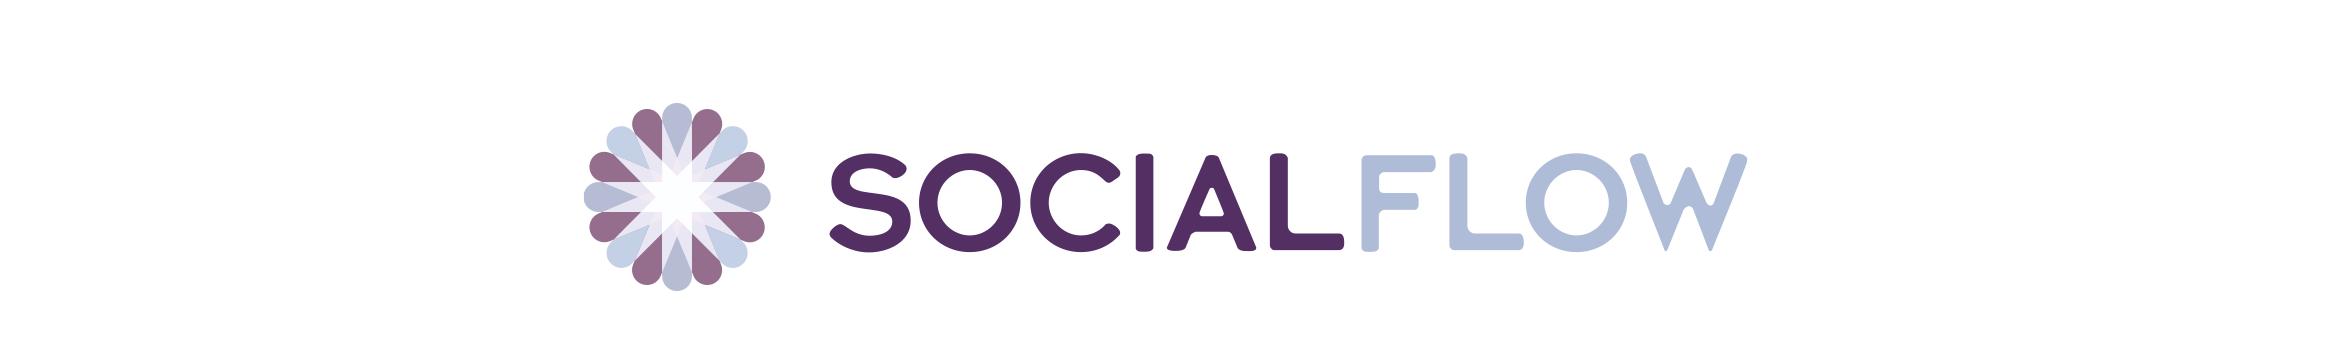 The SocialFlow logo